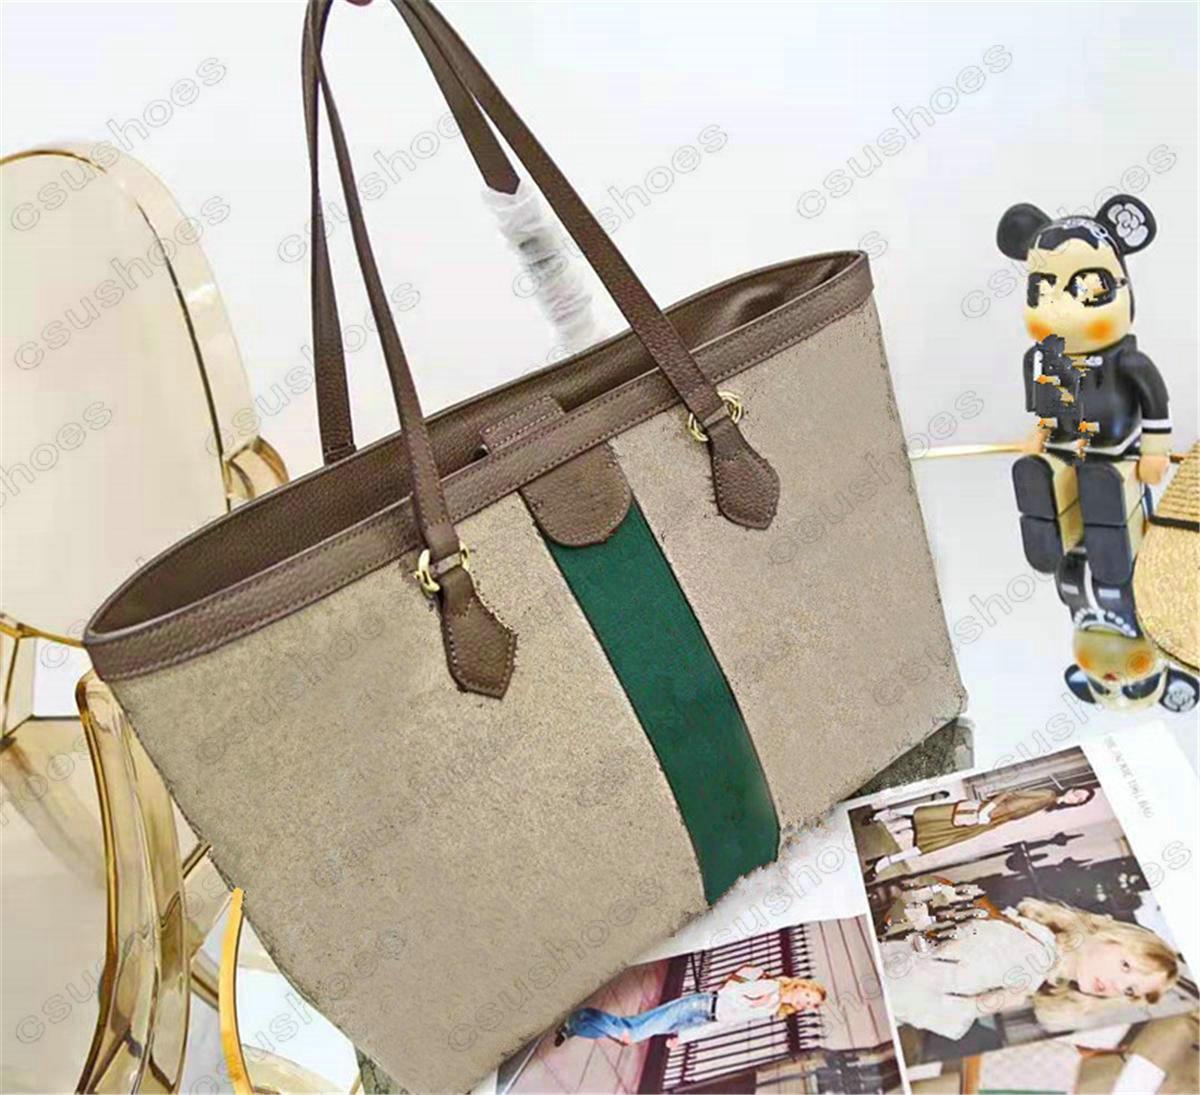 Medium Ophidia Tote Beige Leinwand Leder Vintage Umhängetasche Italien Marke Grüne und rote Streifen Damen Designer Handtasche